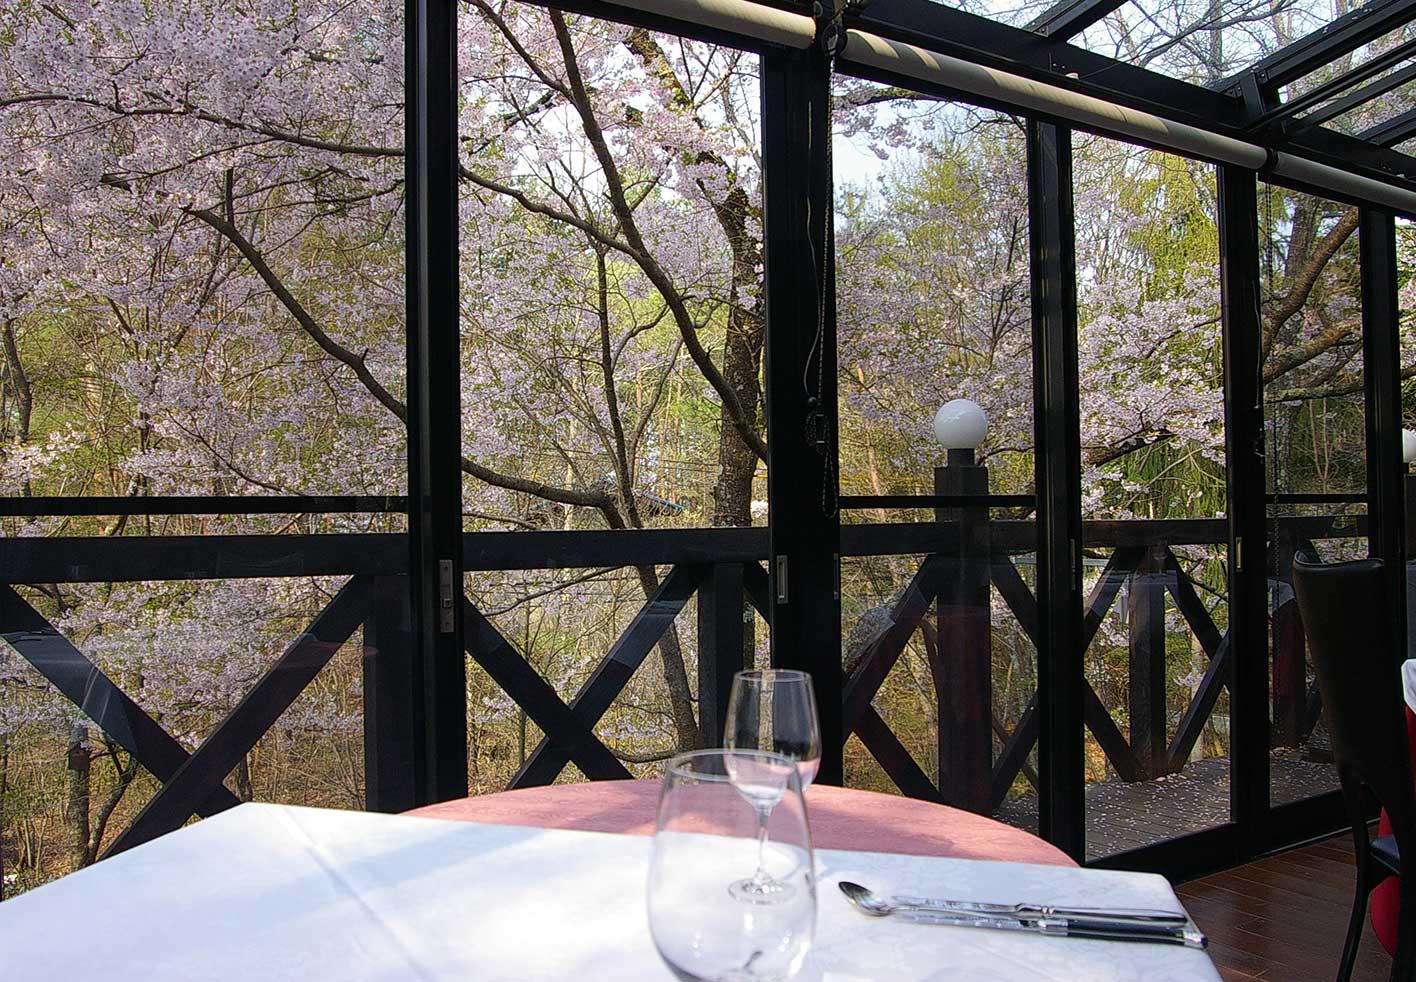 開放感のある窓で蓼科の景色をお楽しみ下さい